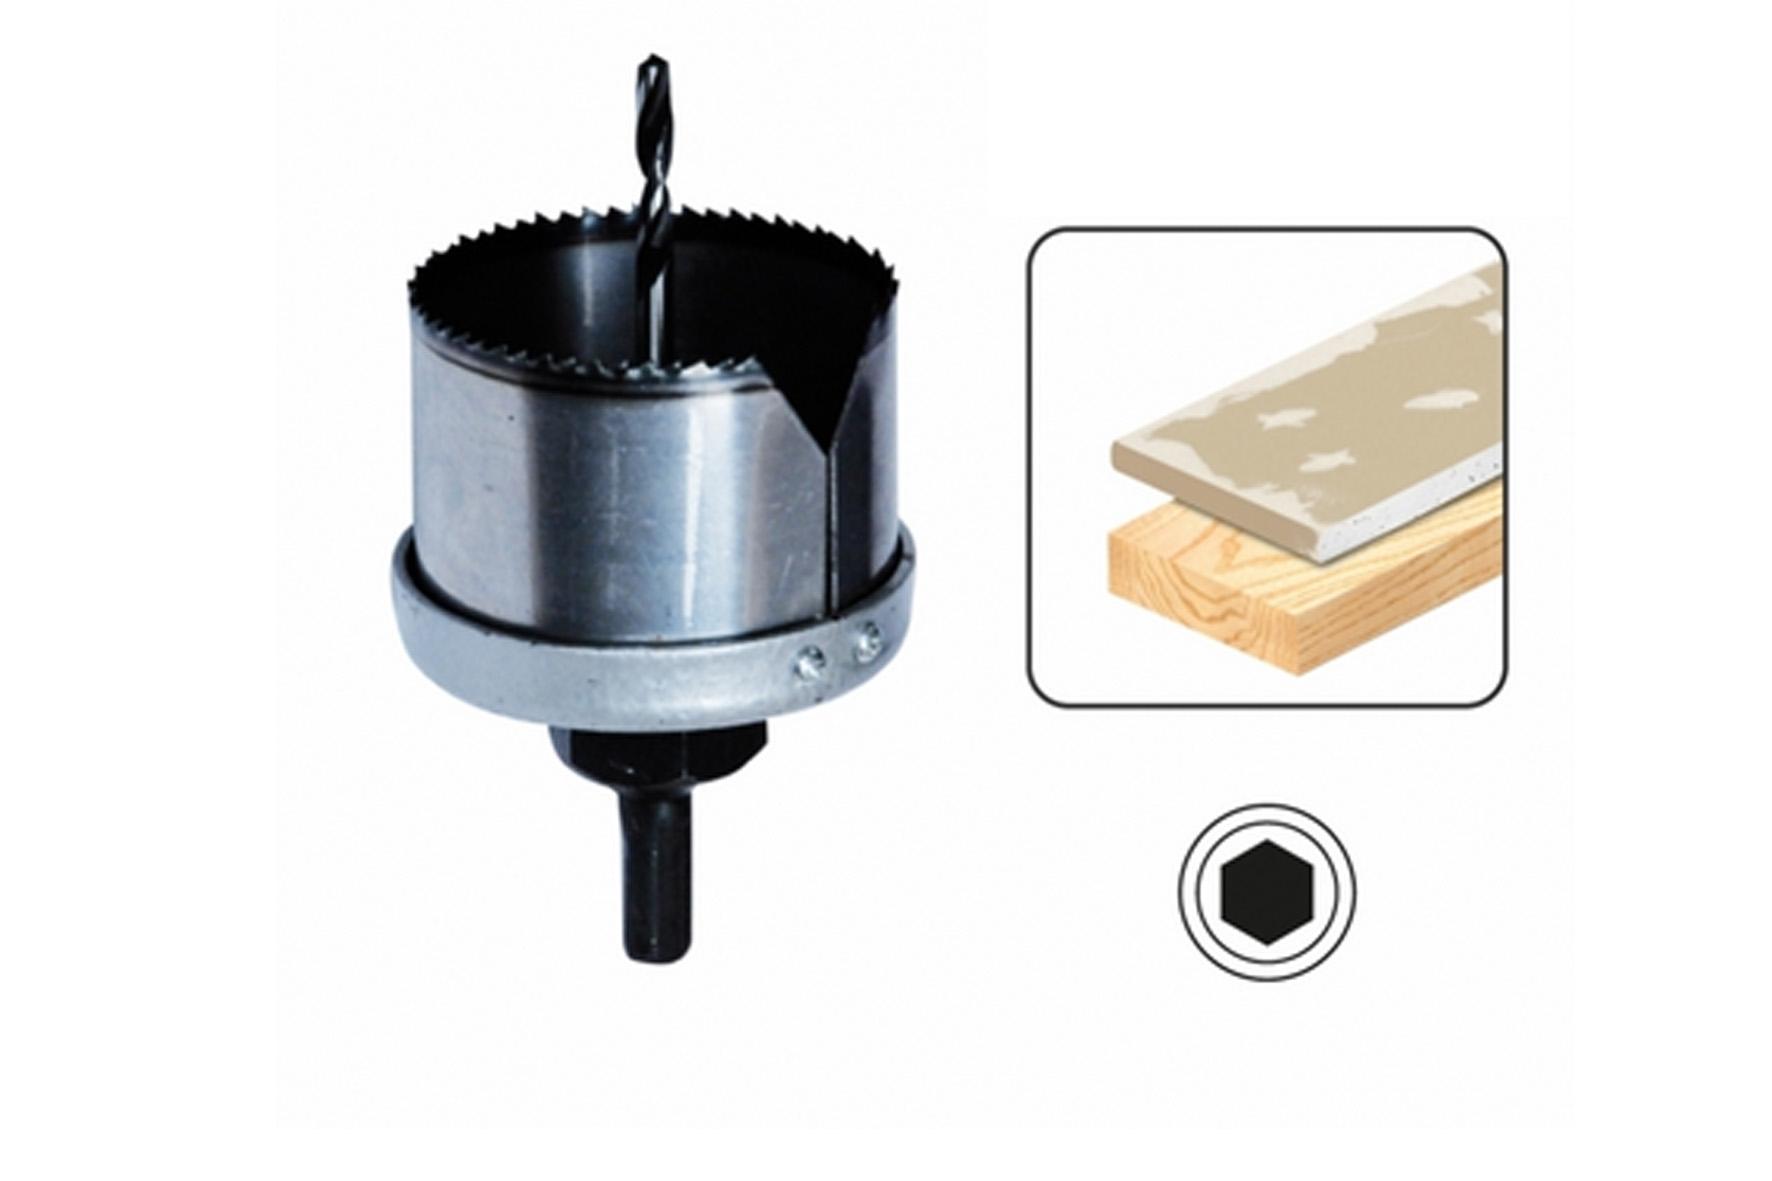 Diametre Scie Cloche Prise De Courant scie cloche bois plätre + trépan